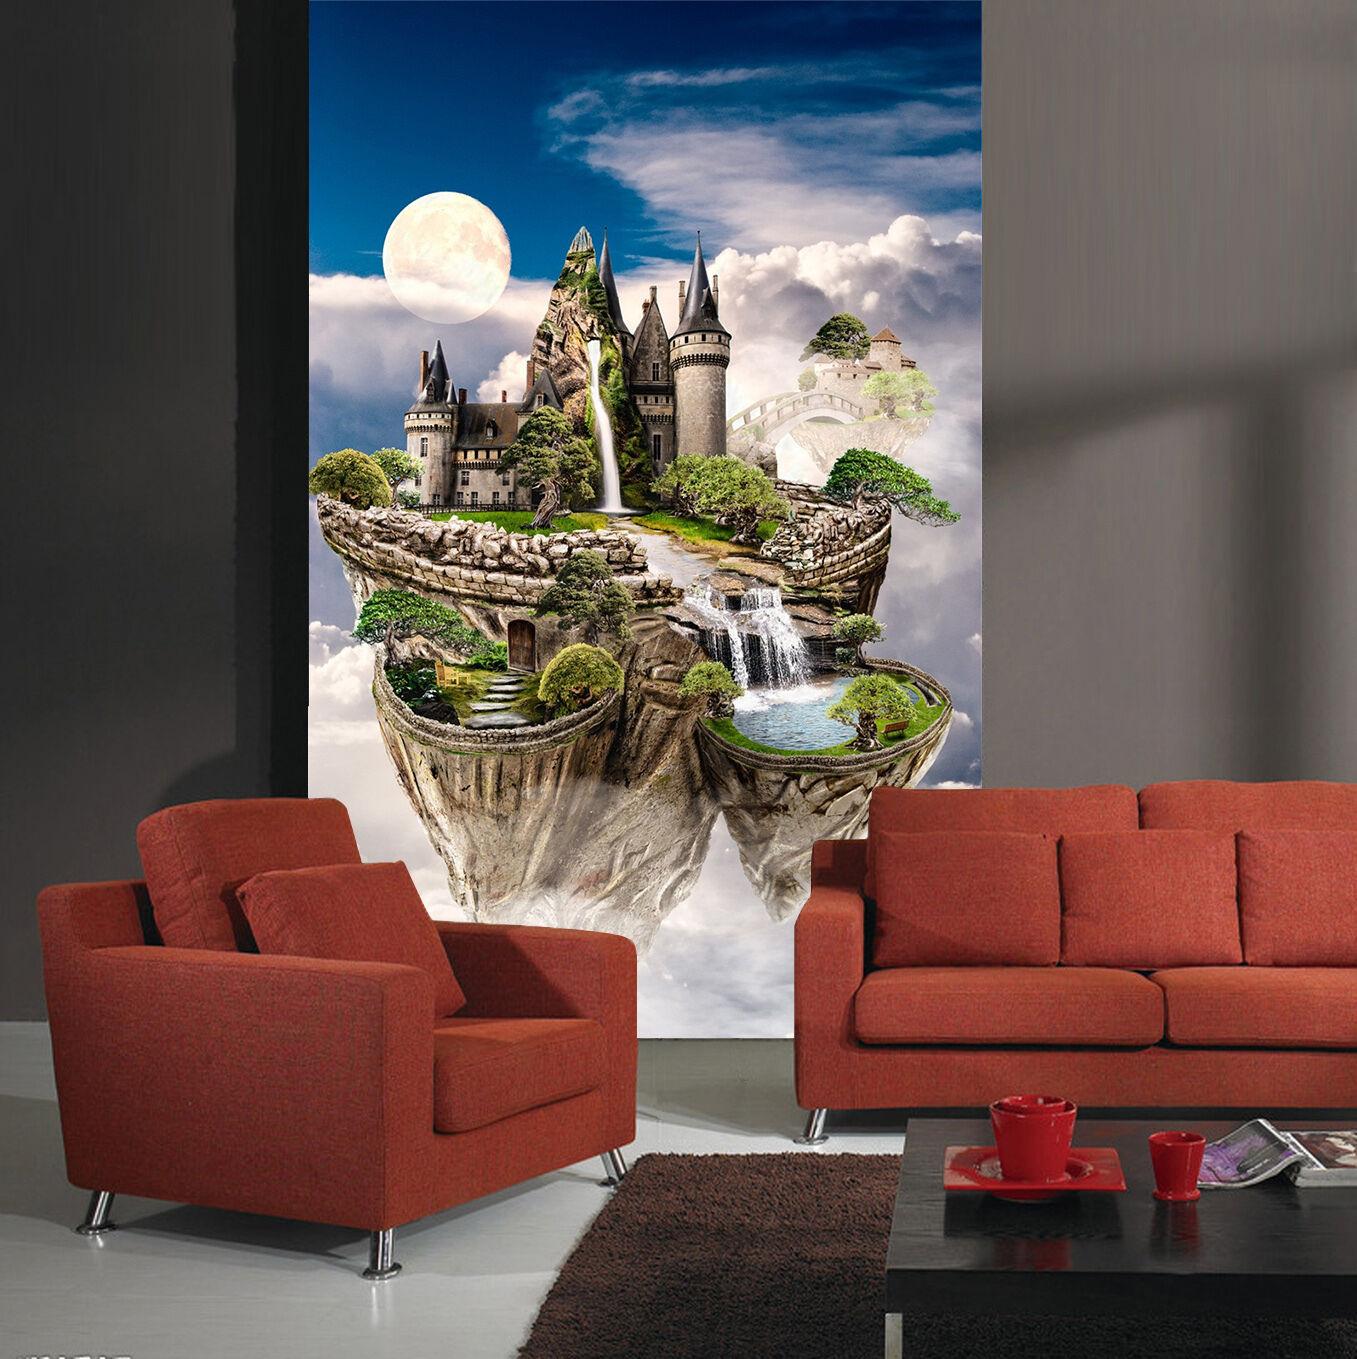 3D Sky Islands Castles 1771 Paper Wall Print Wall Decal Wall Deco Indoor Murals